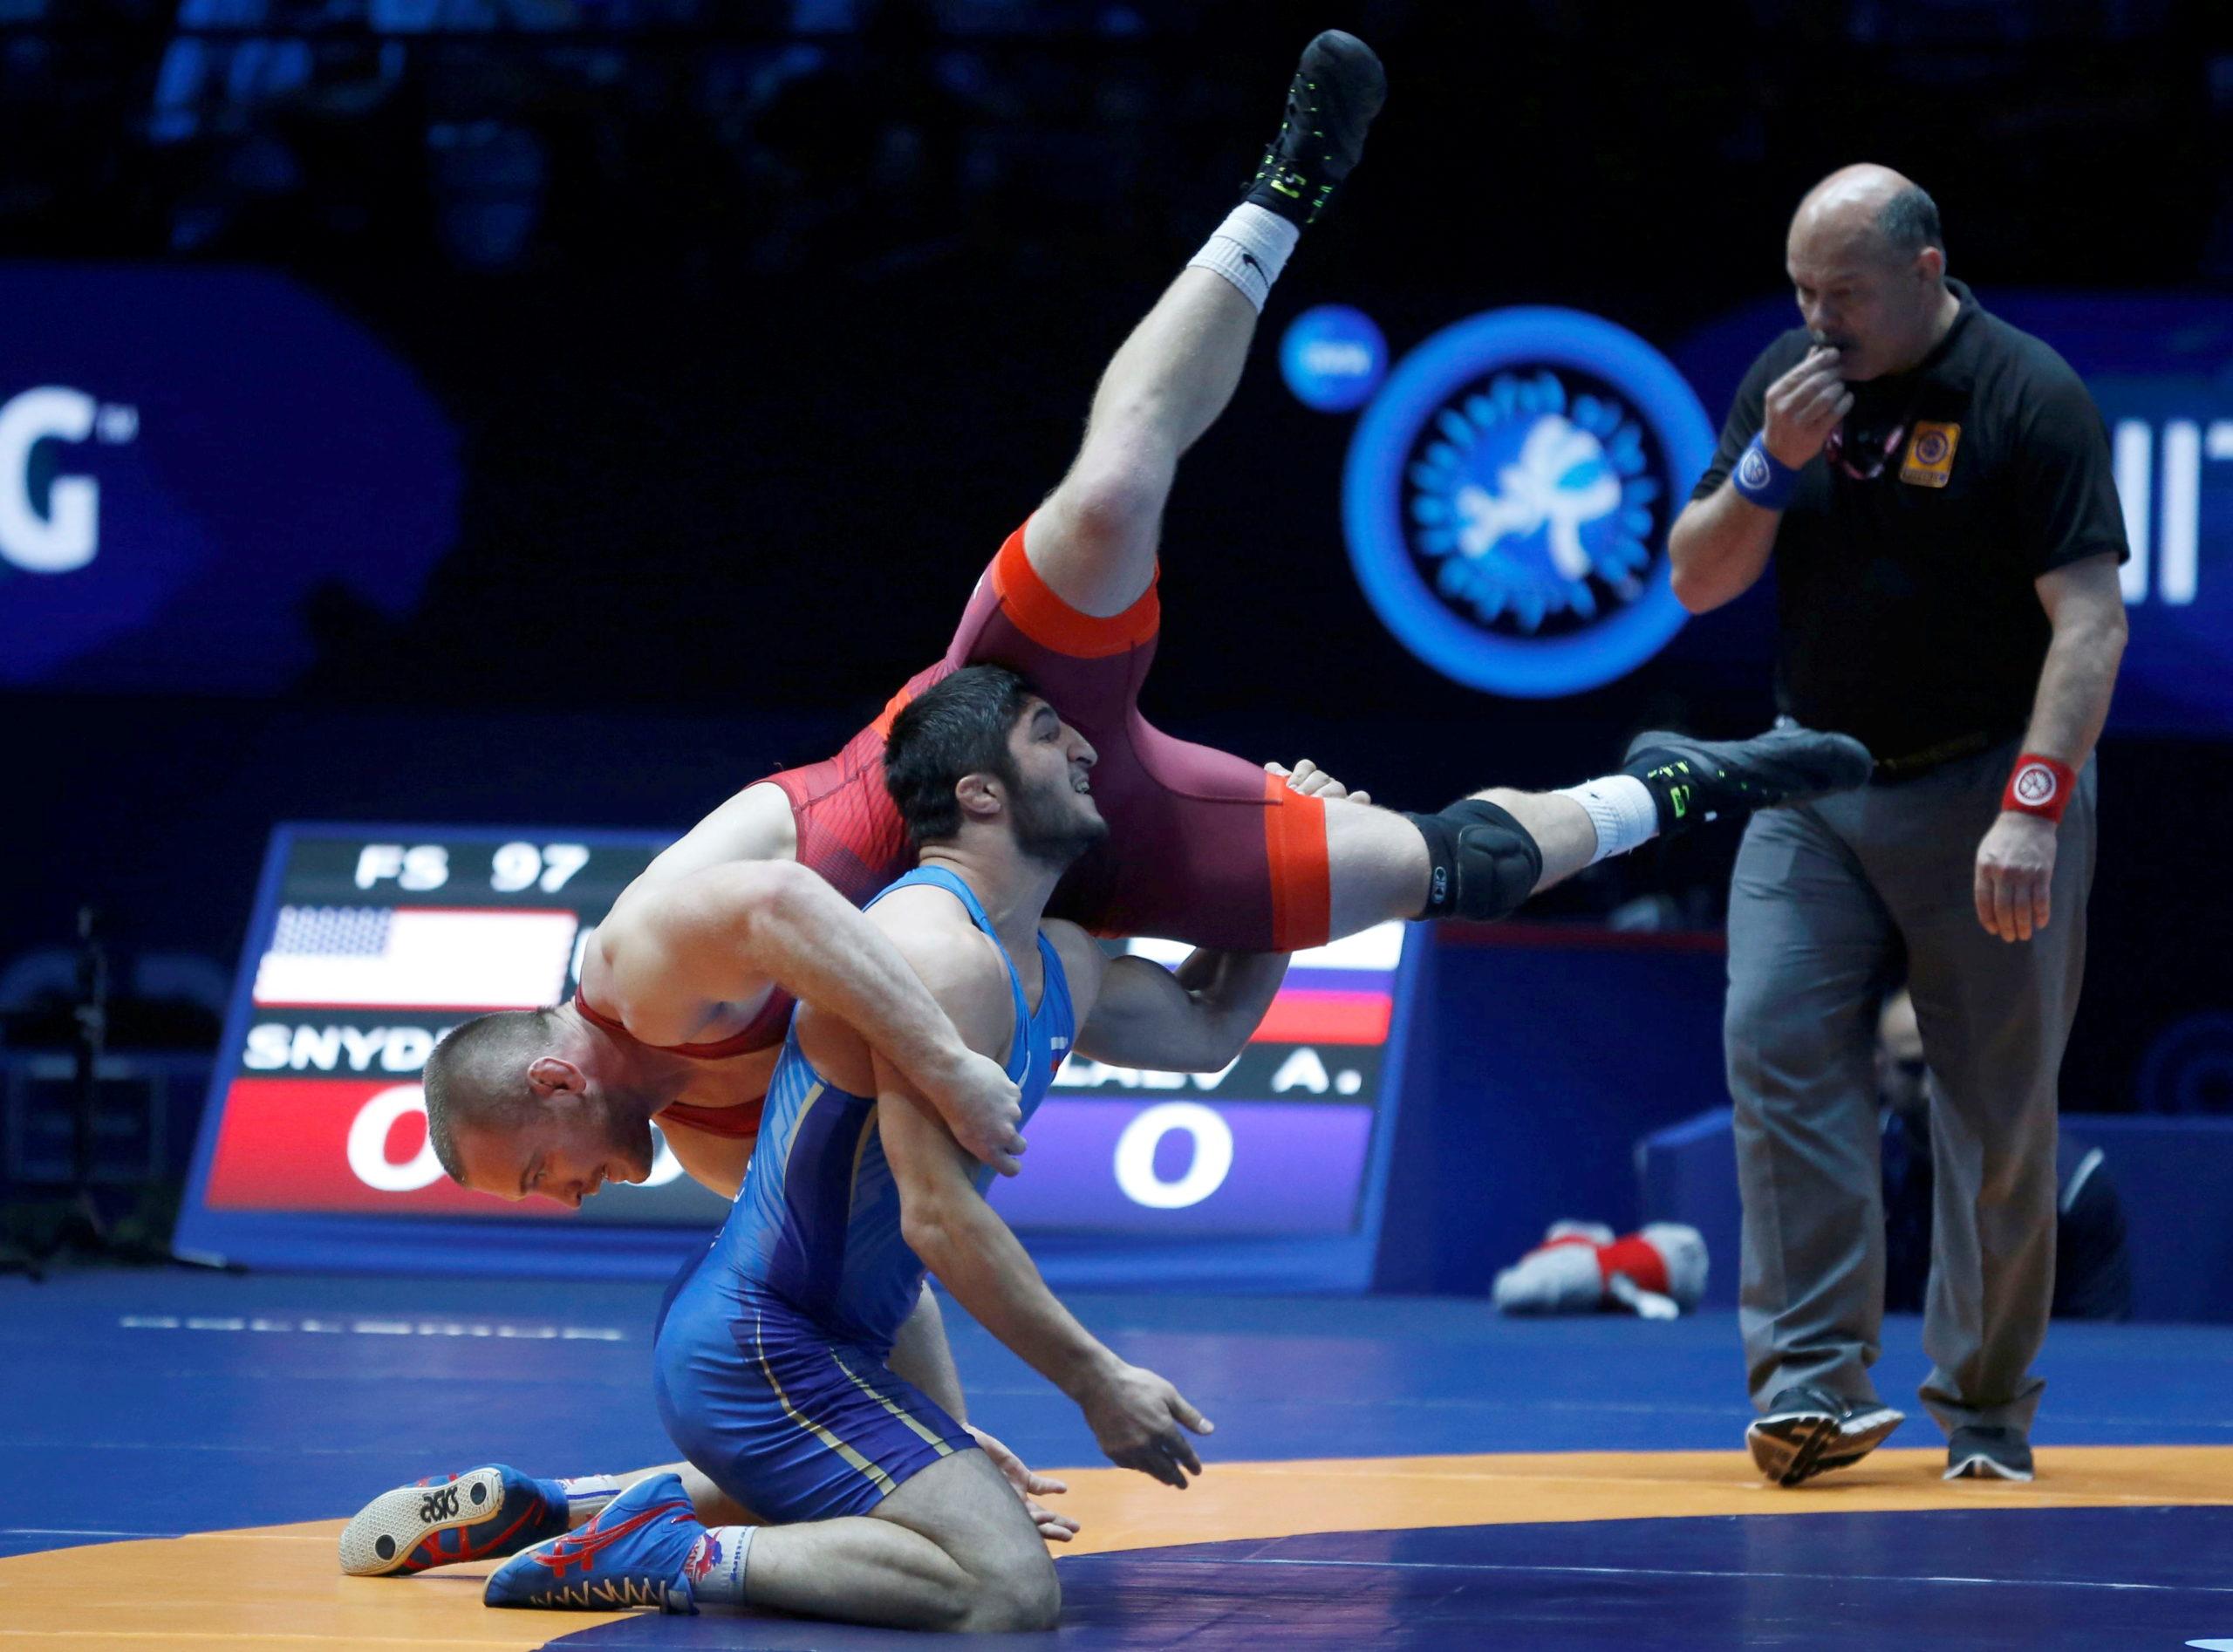 Борьба на Олимпийских играх: древние спортивные битвы, чтобы оставаться актуальными